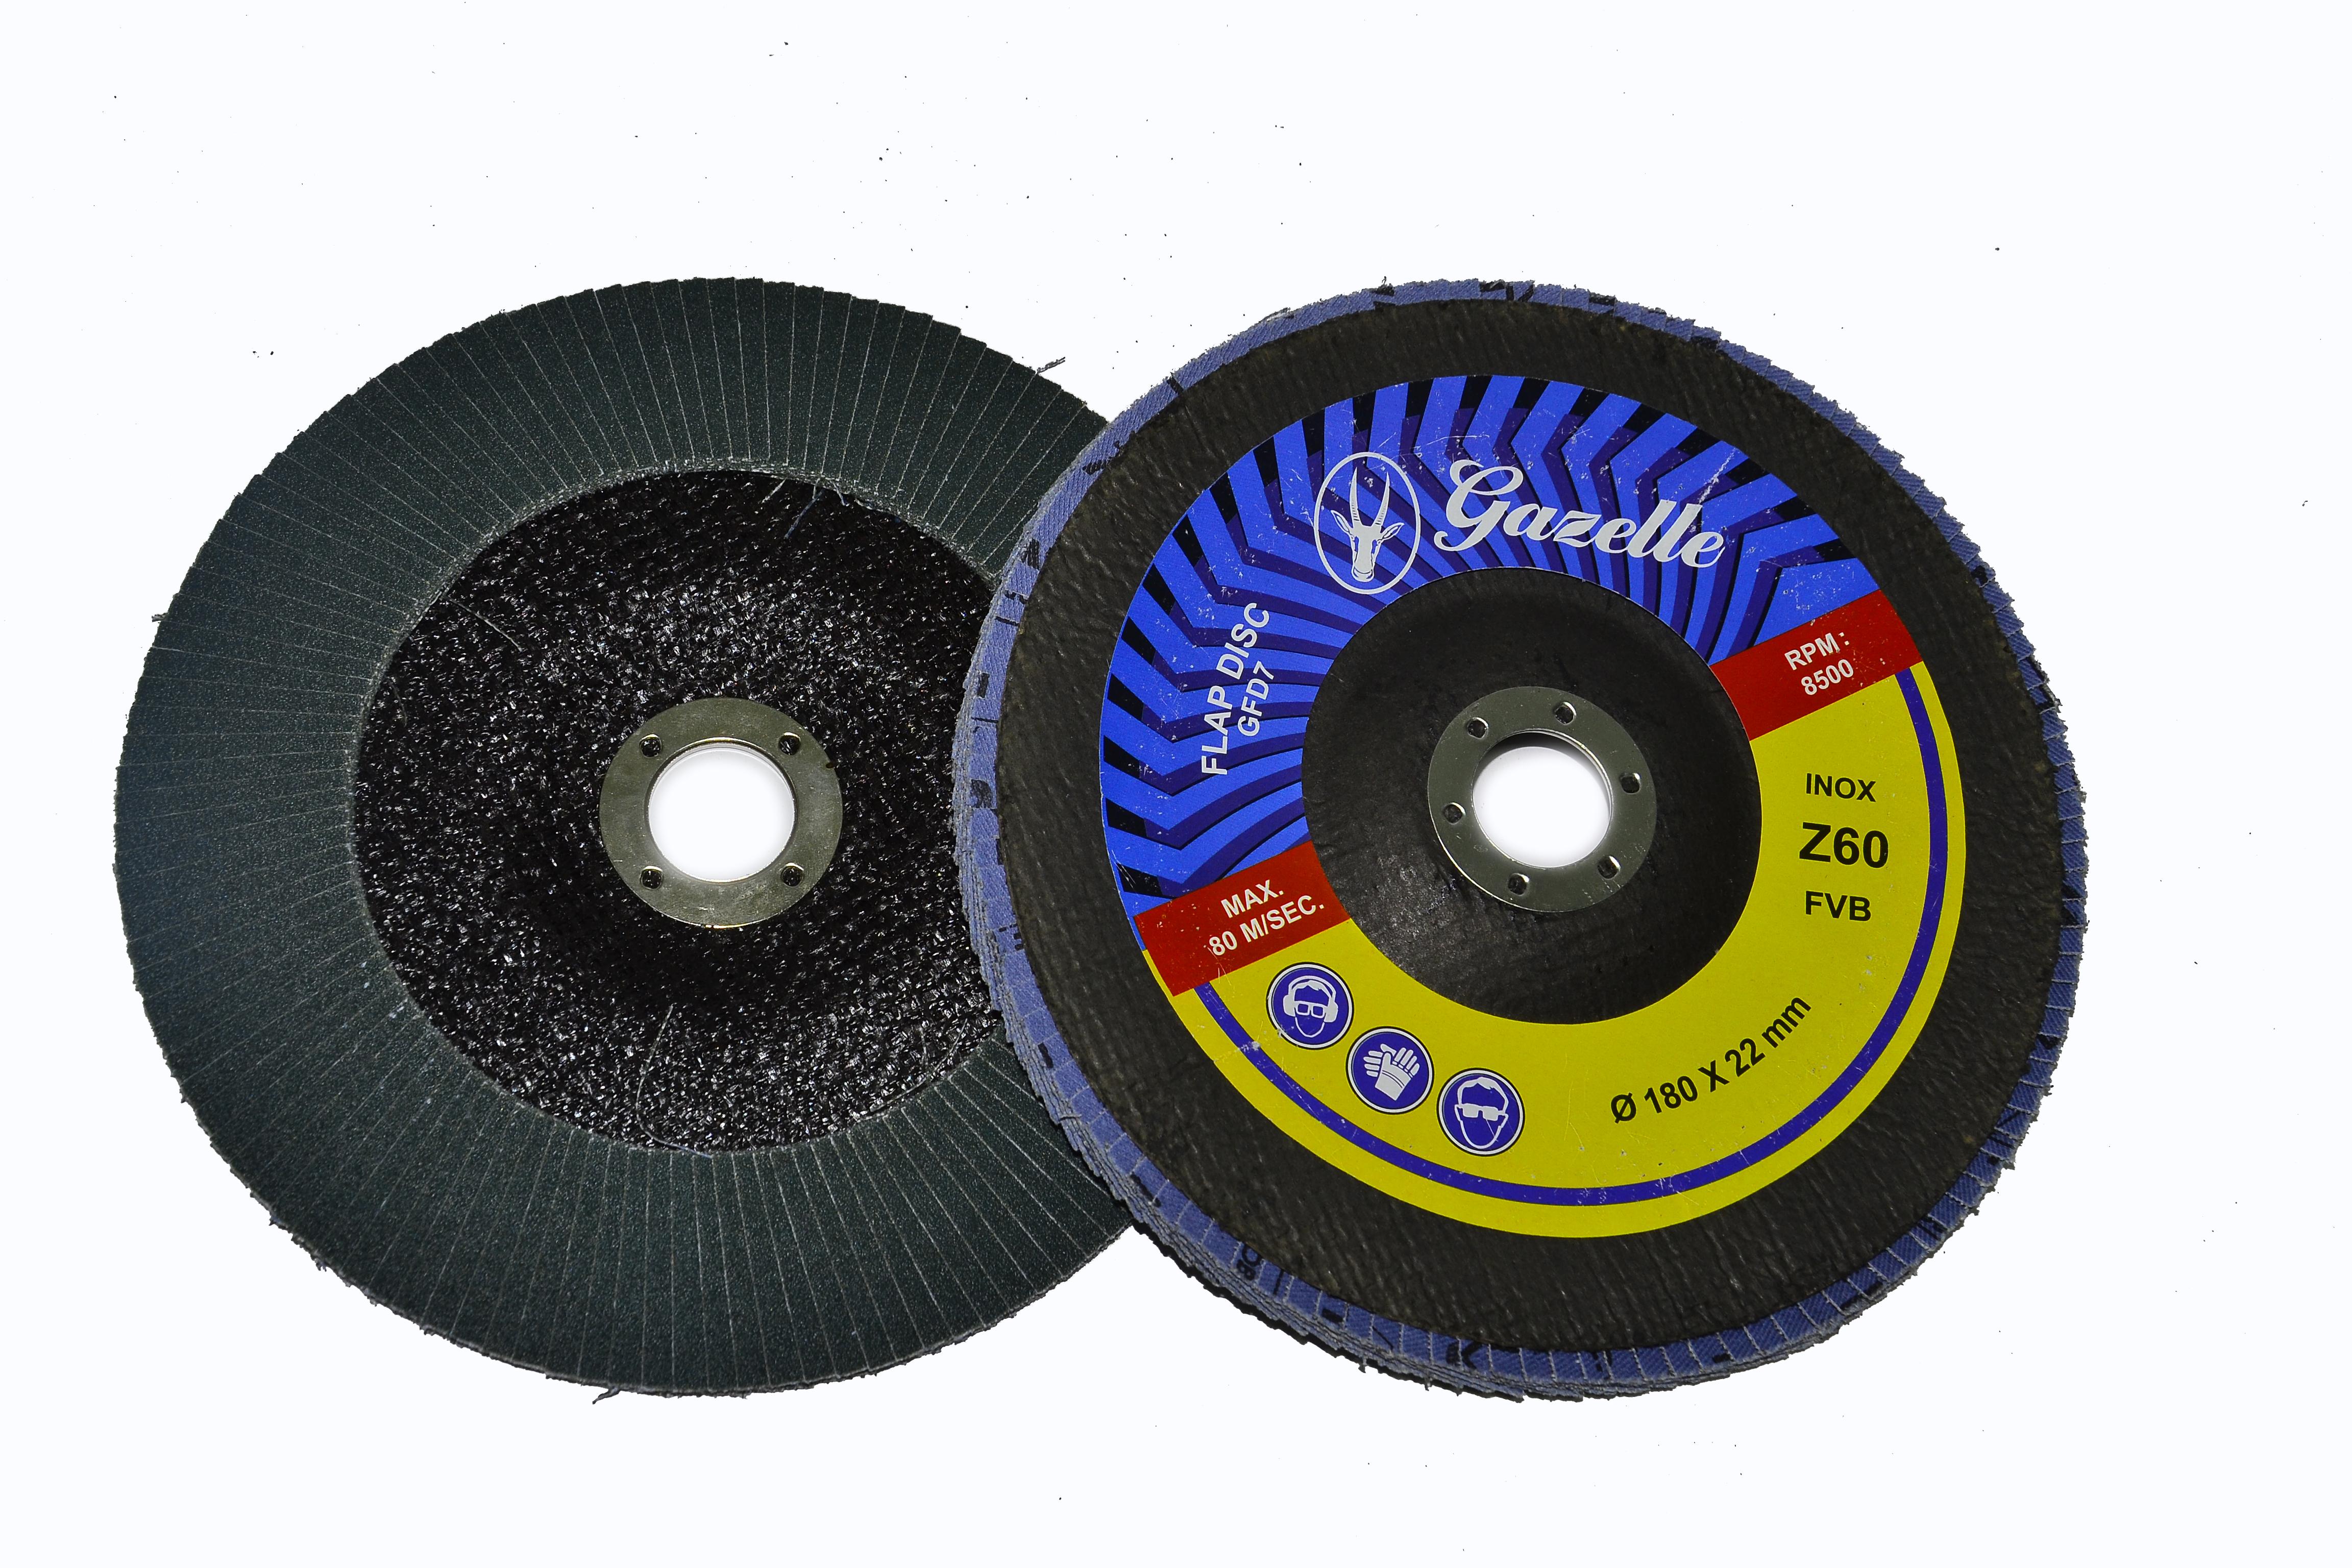 GAZELLE GFDZ760G